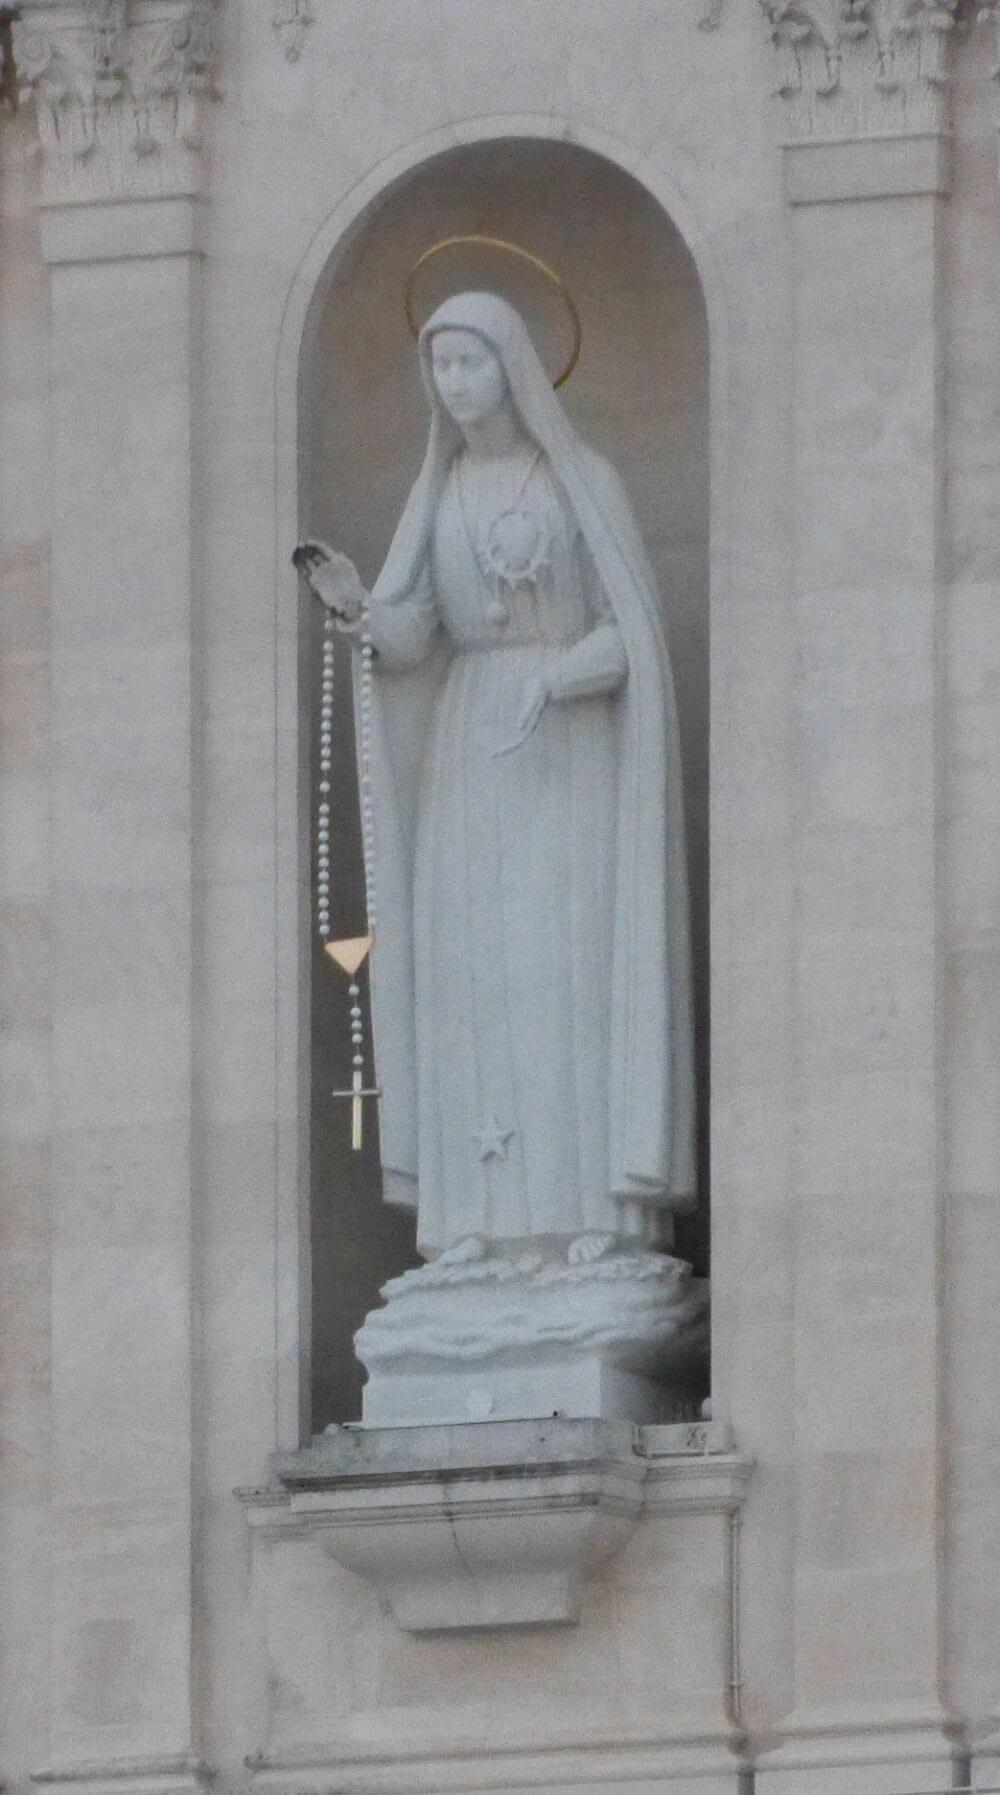 Virgen de Fatima 100th anniversary of Fatima